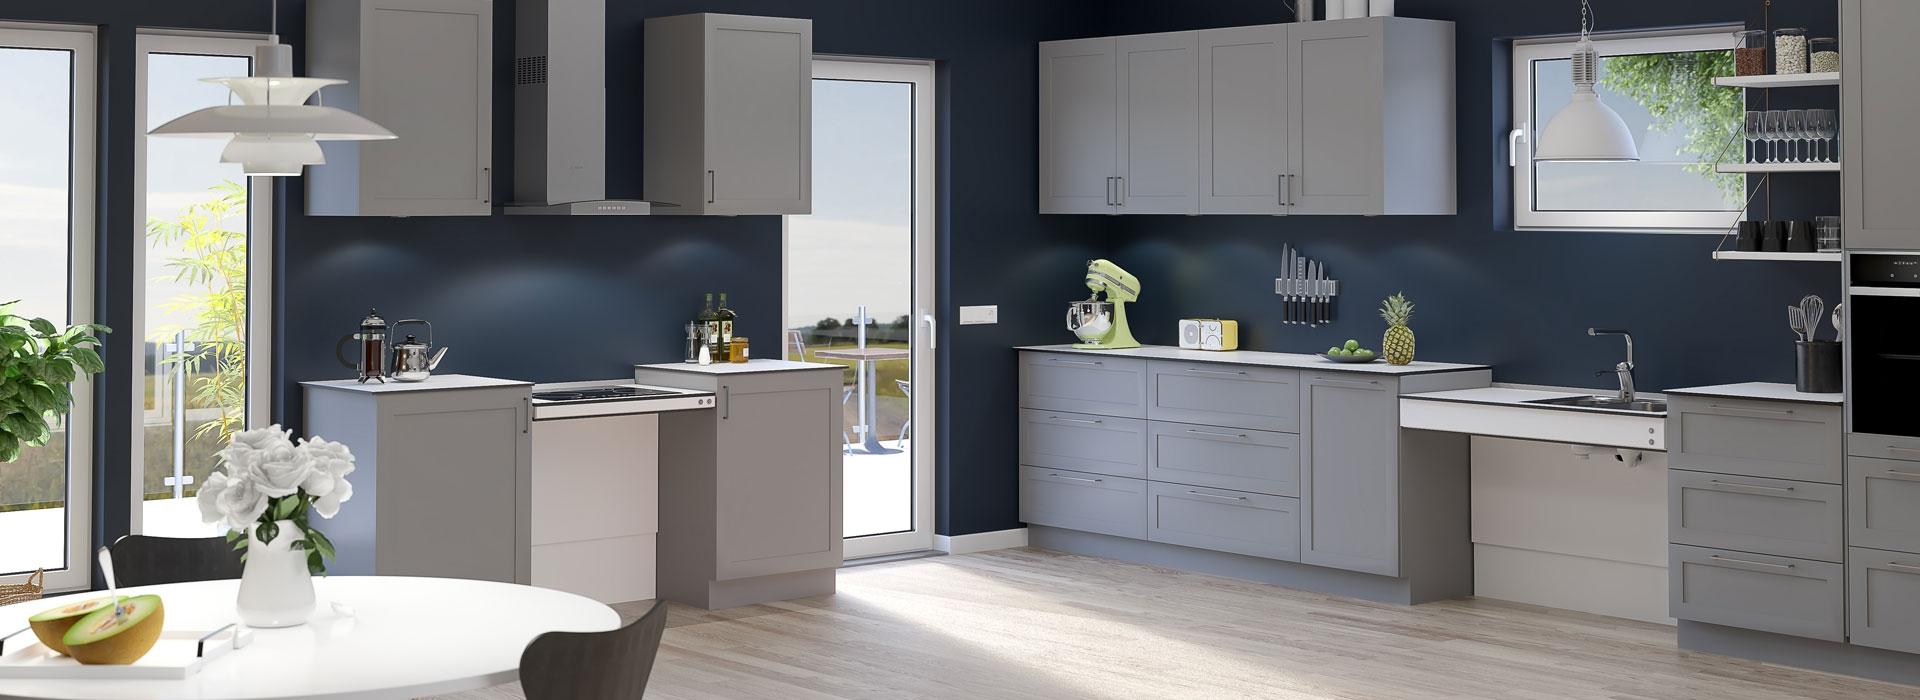 Sistemi di sollevamento per piani di lavoro cucina | Cucine ...